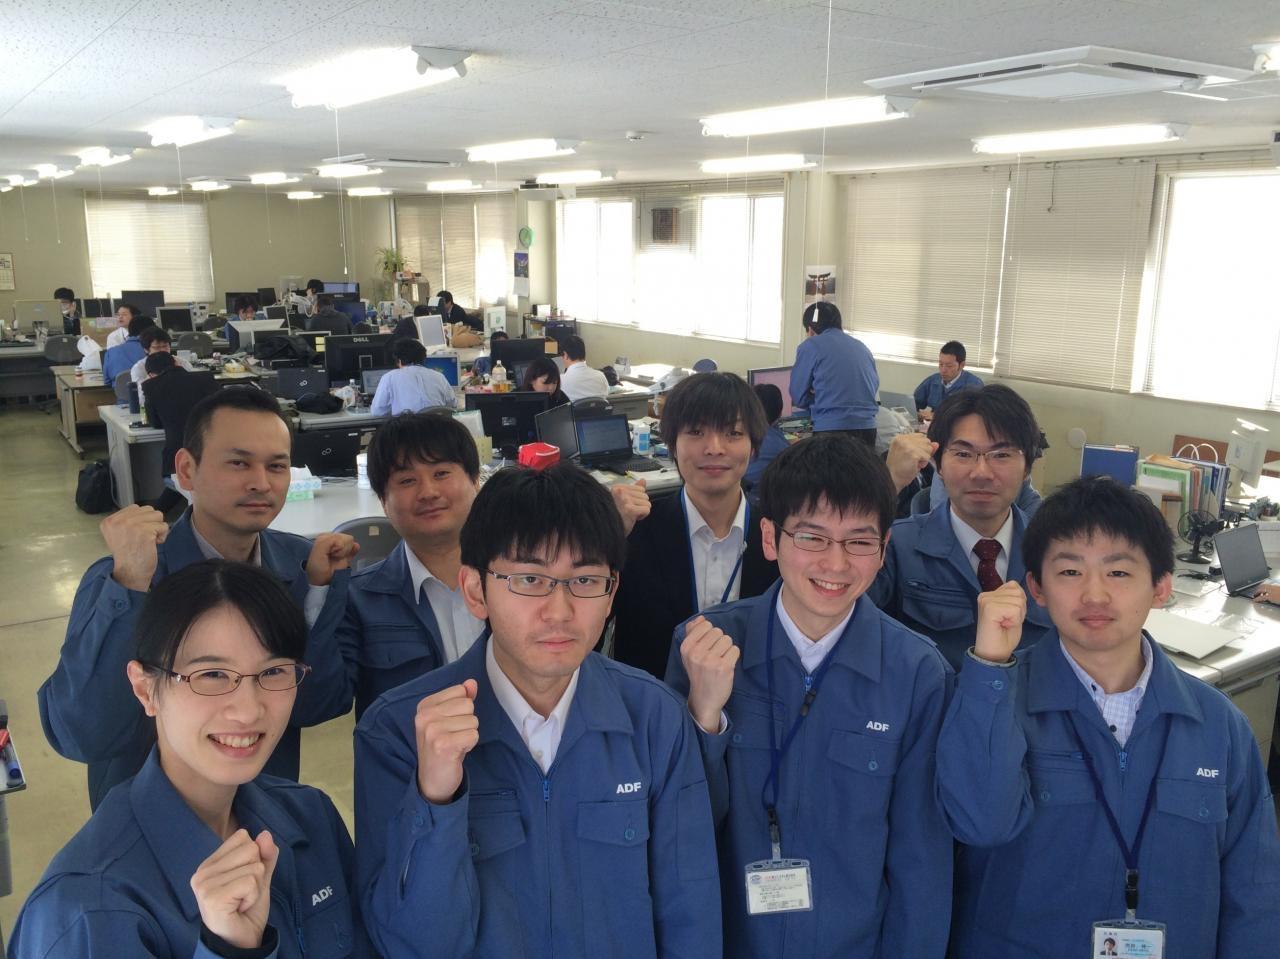 エイデイケイ富士システム株式会社/【プログラマー・システムエンジニア】経験の浅い人も、Iターン・Uターンも大歓迎!